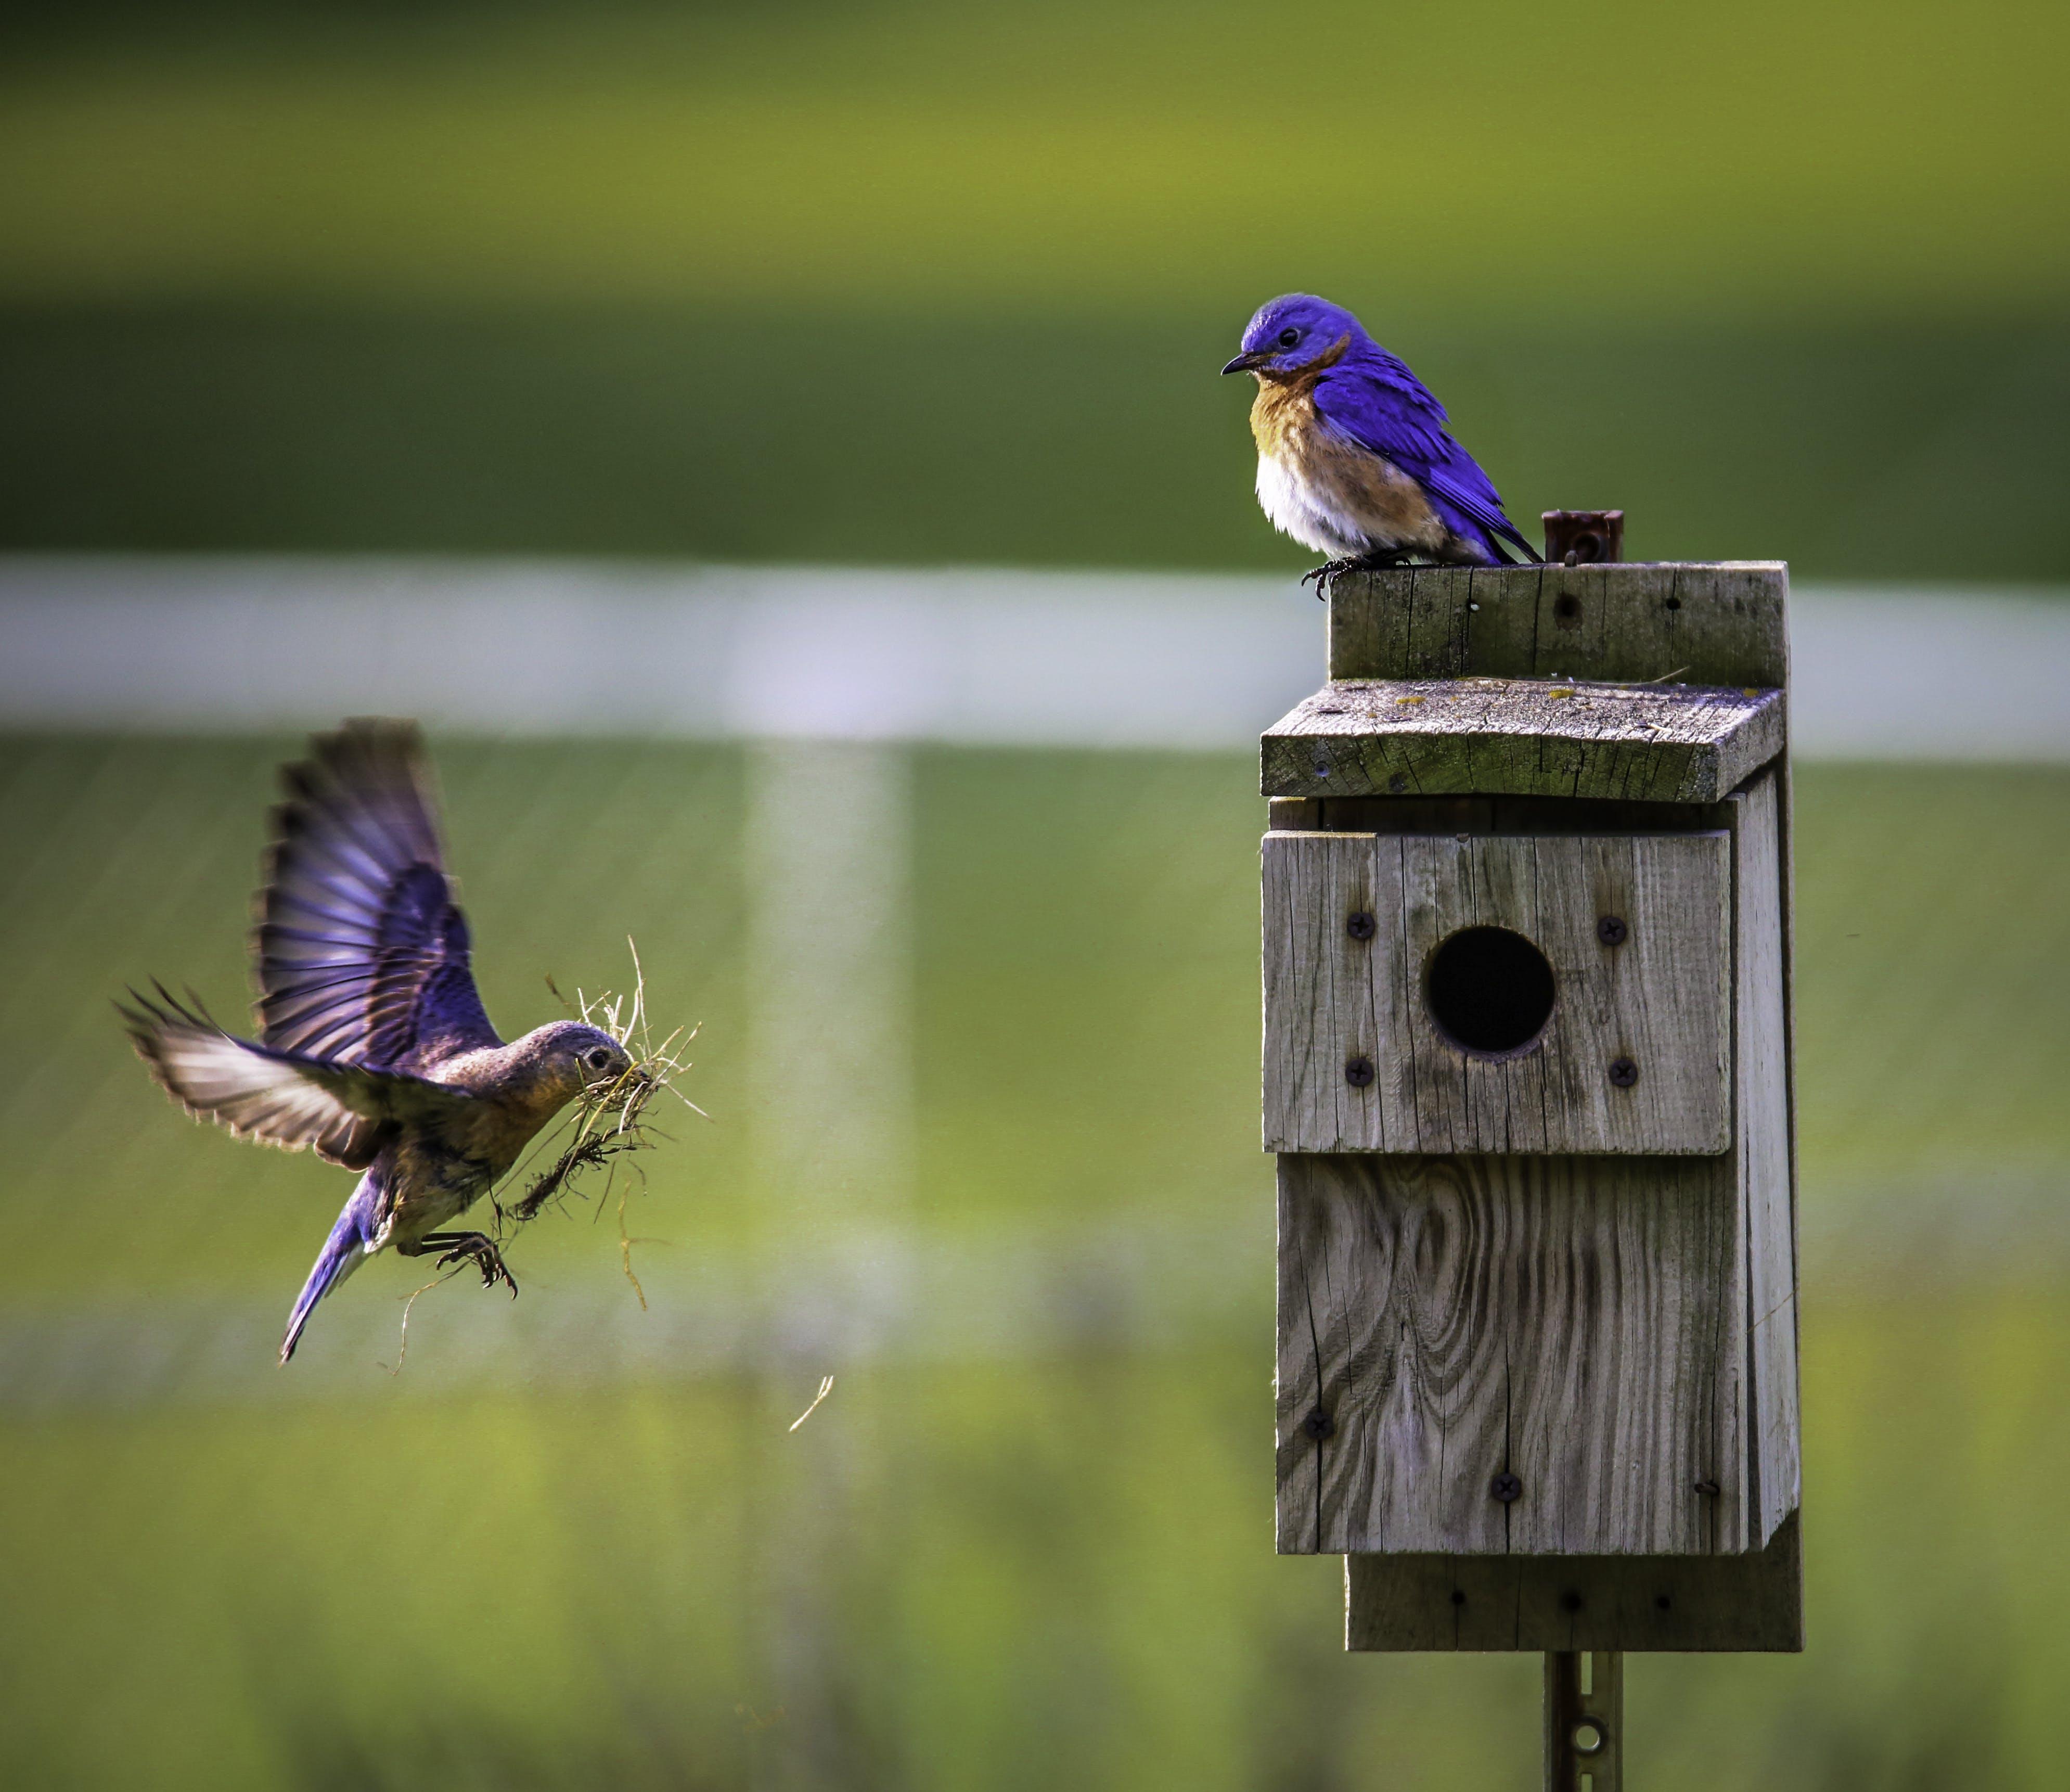 Brown Bird Flying Towards Birdhouse